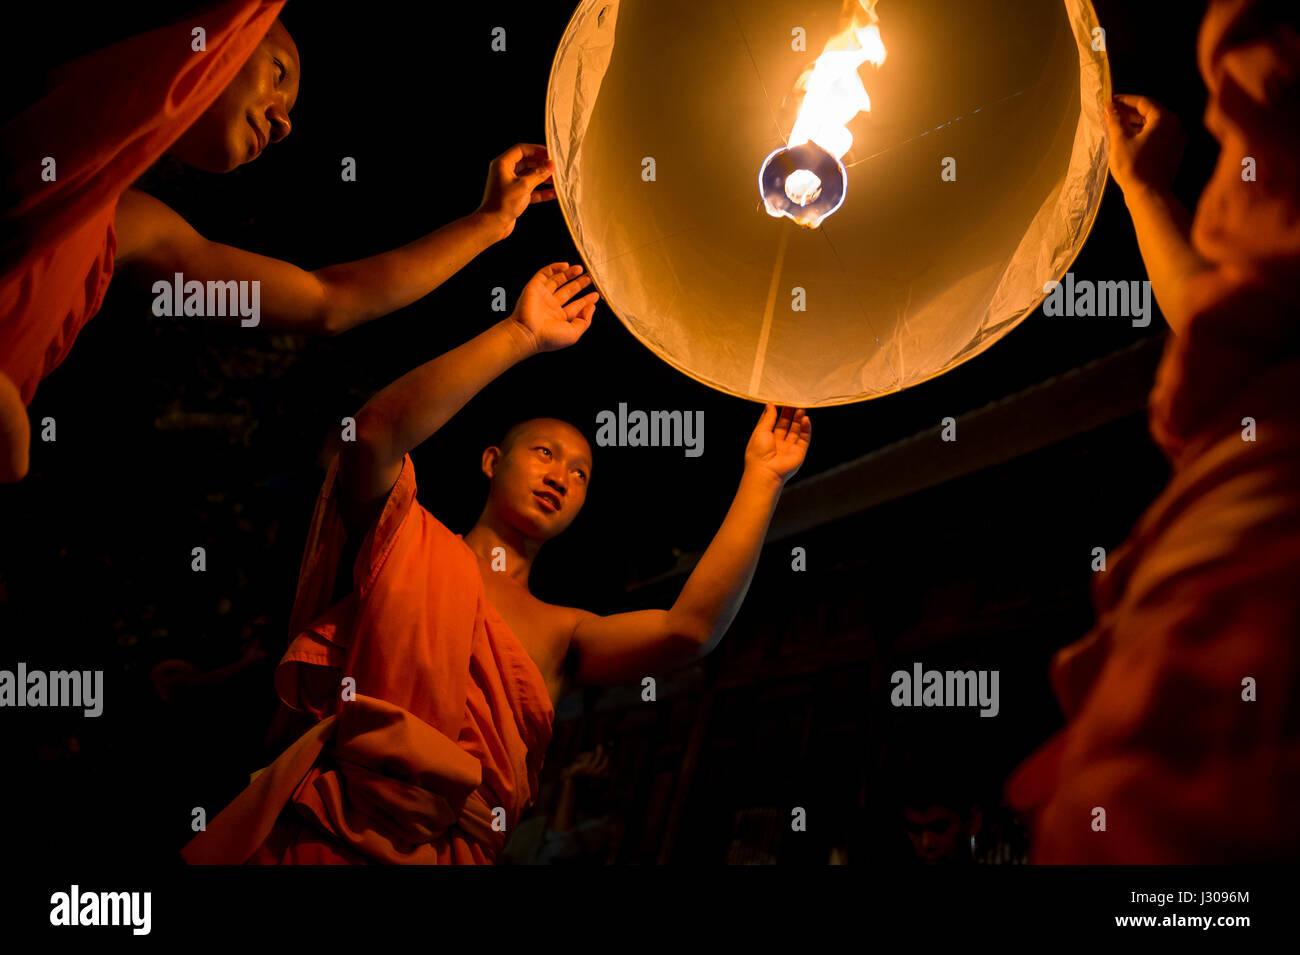 CHIANG MAI, THAILAND - 7. November 2014: Junge buddhistische Mönche in orangefarbenen Gewändern starten Himmelslaternen Stockfoto